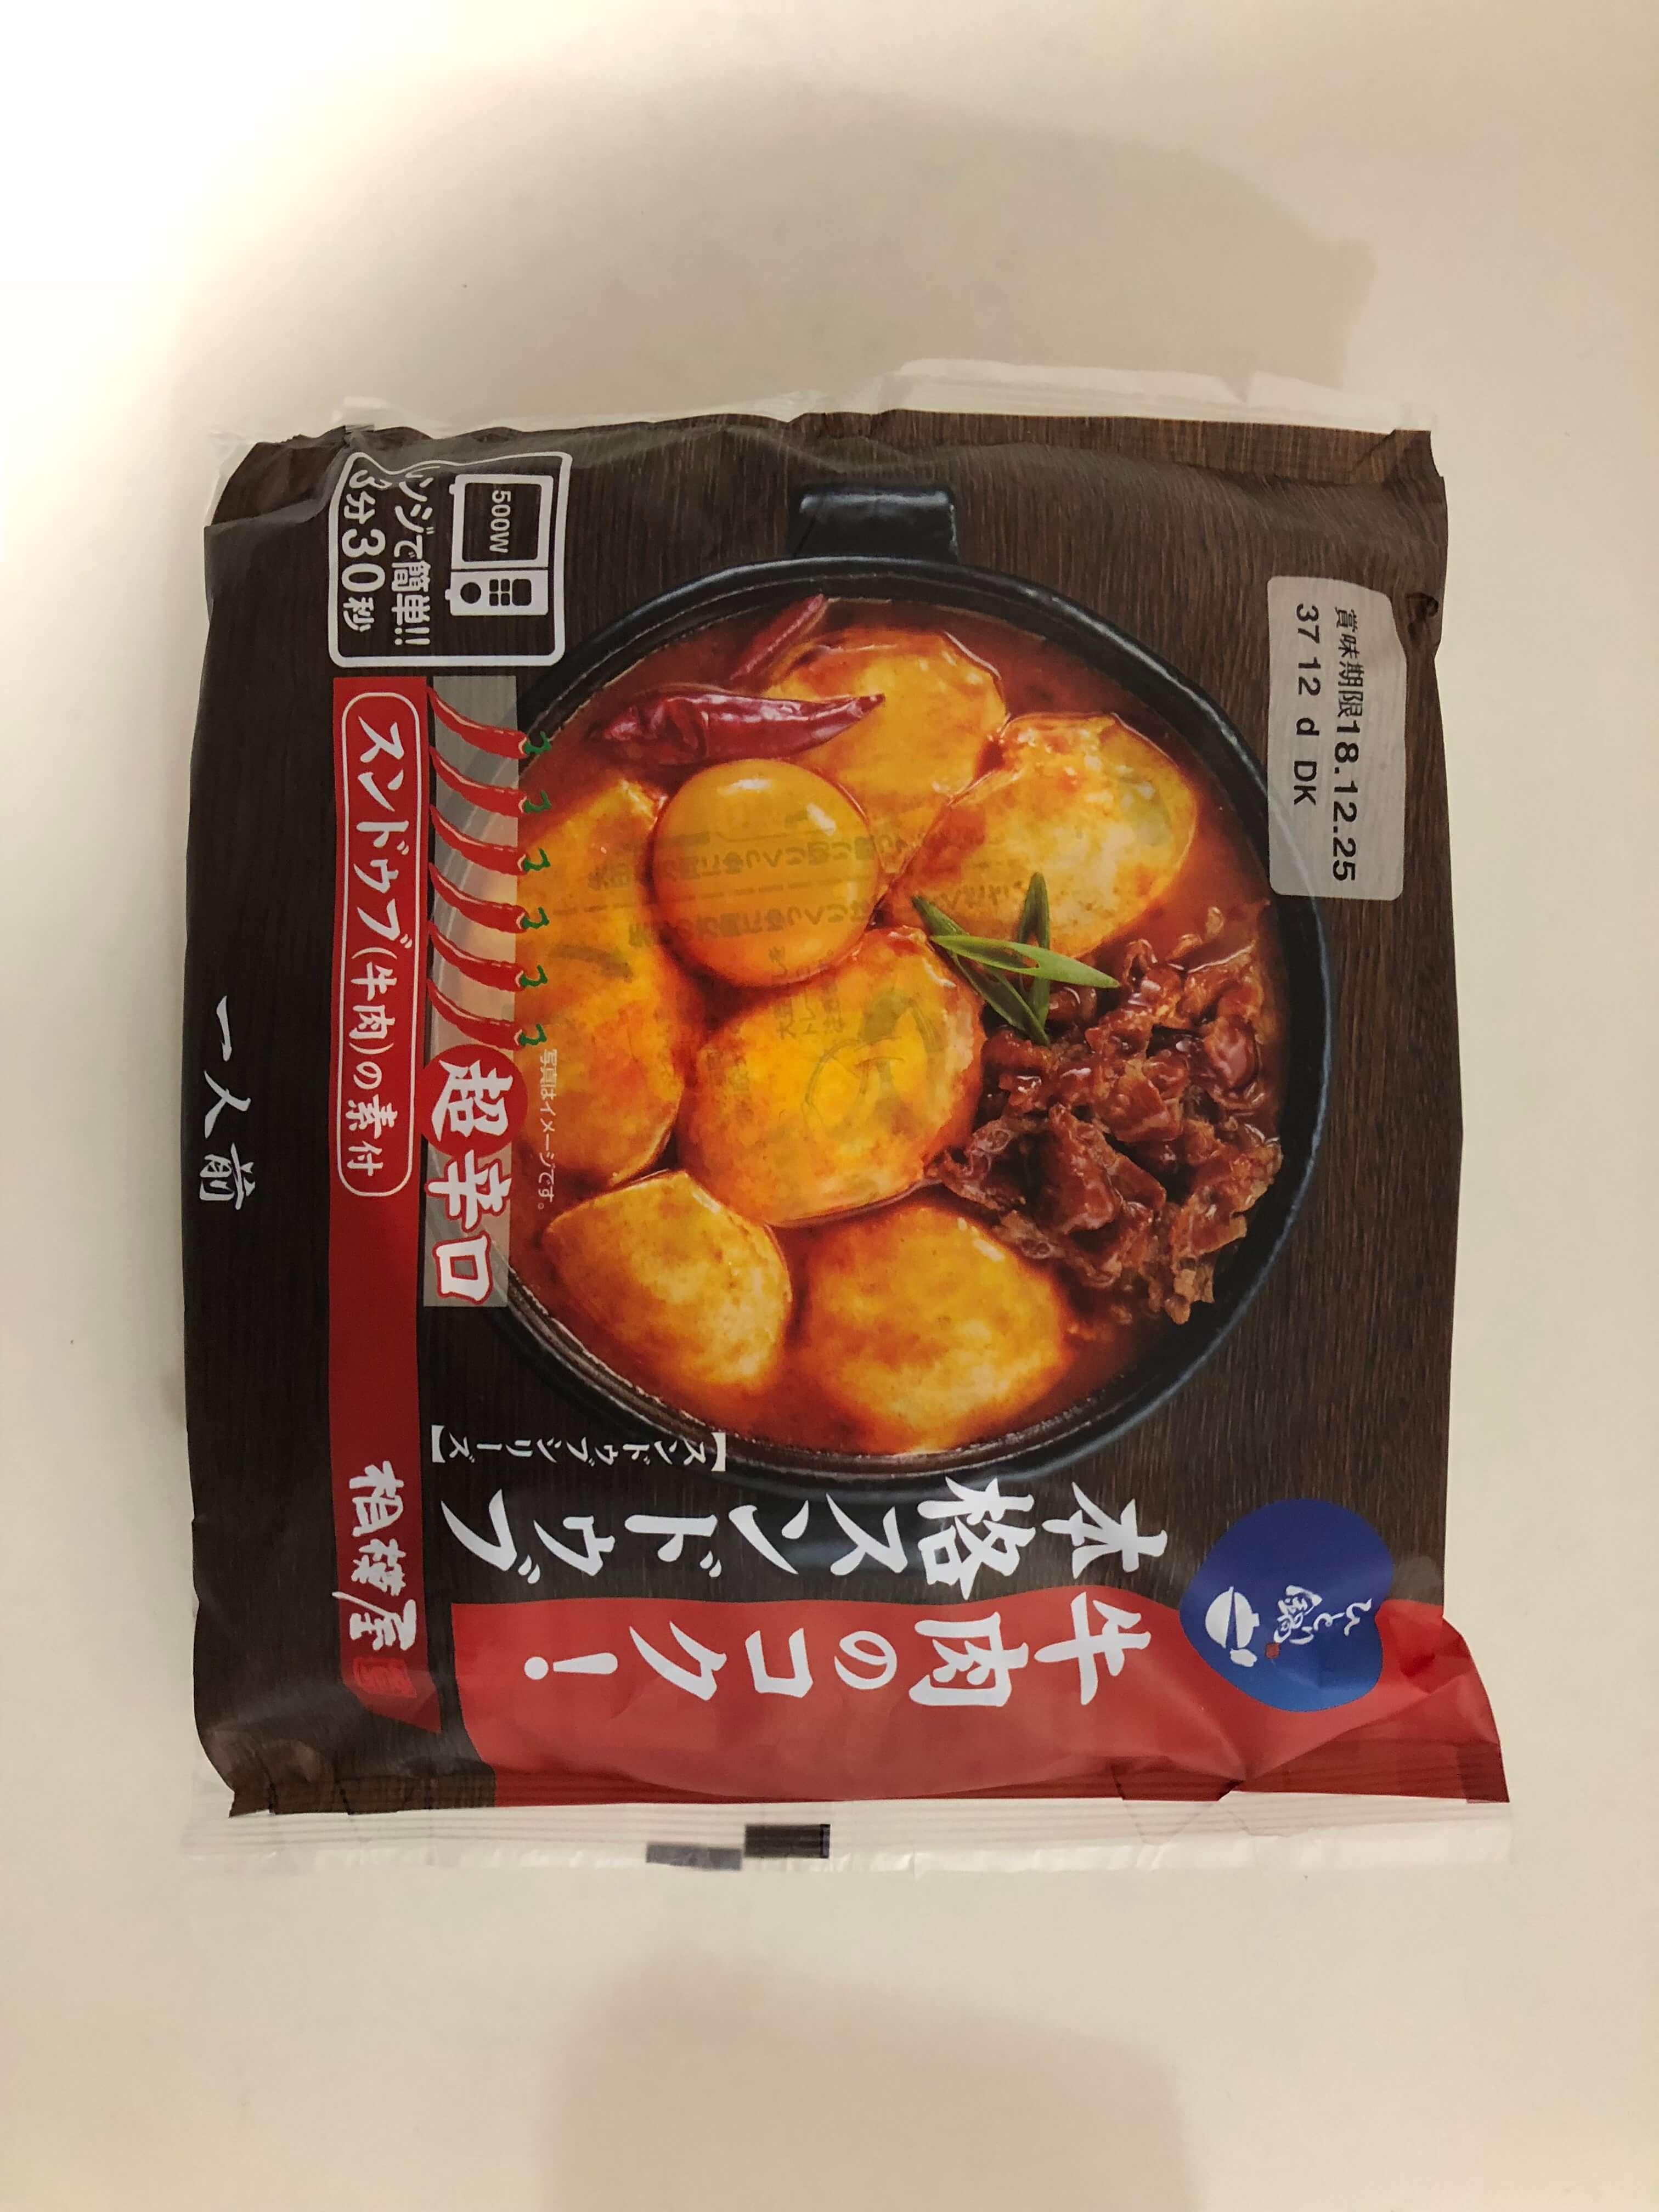 相撲屋のスンドゥブ超辛口のレビュー(糖質制限におすすめ)